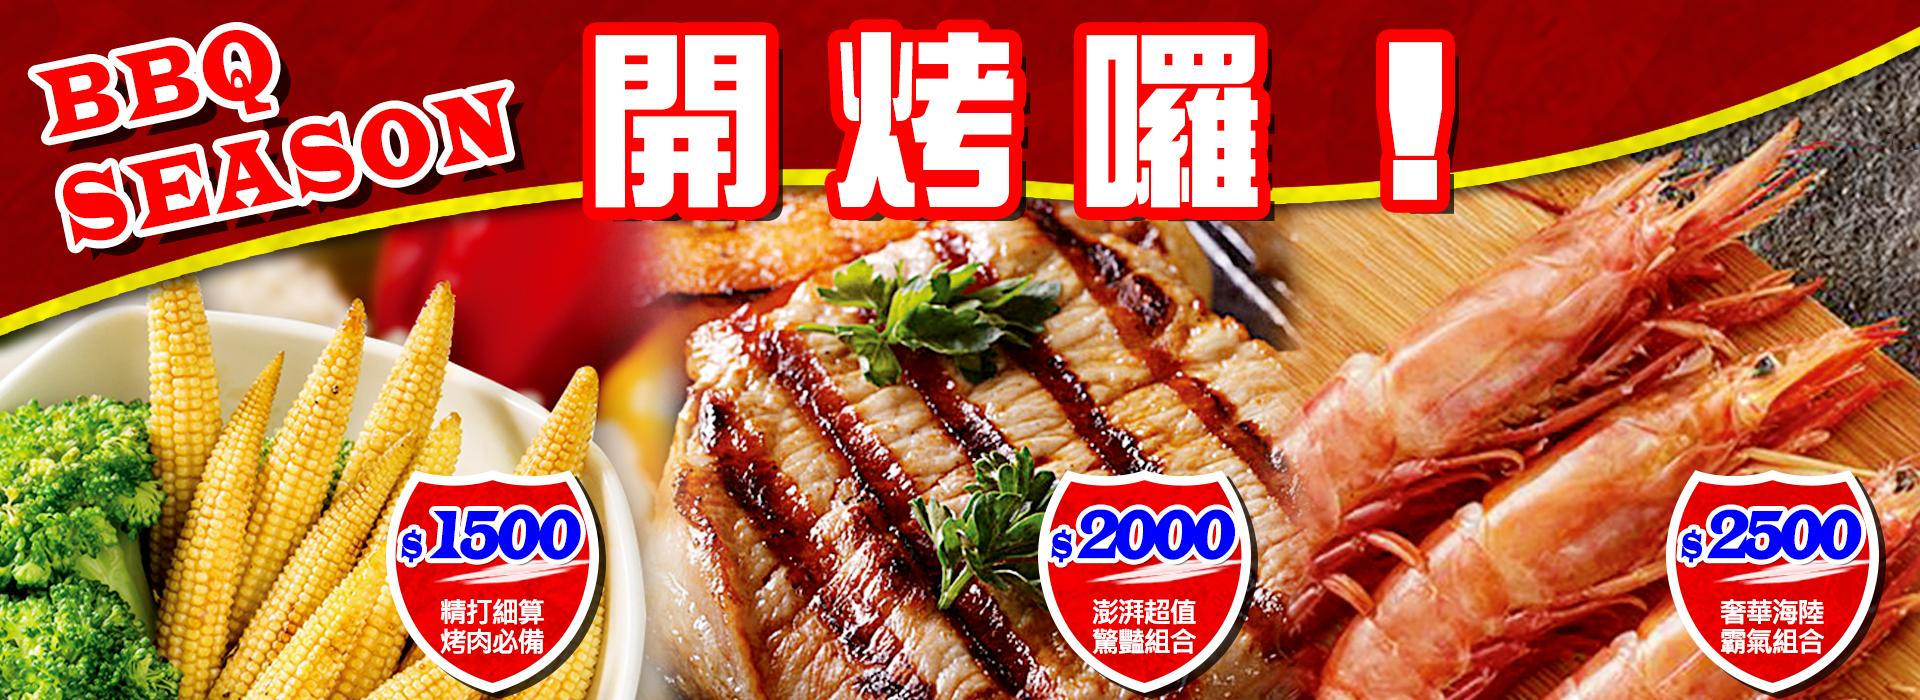 中秋烤肉專區